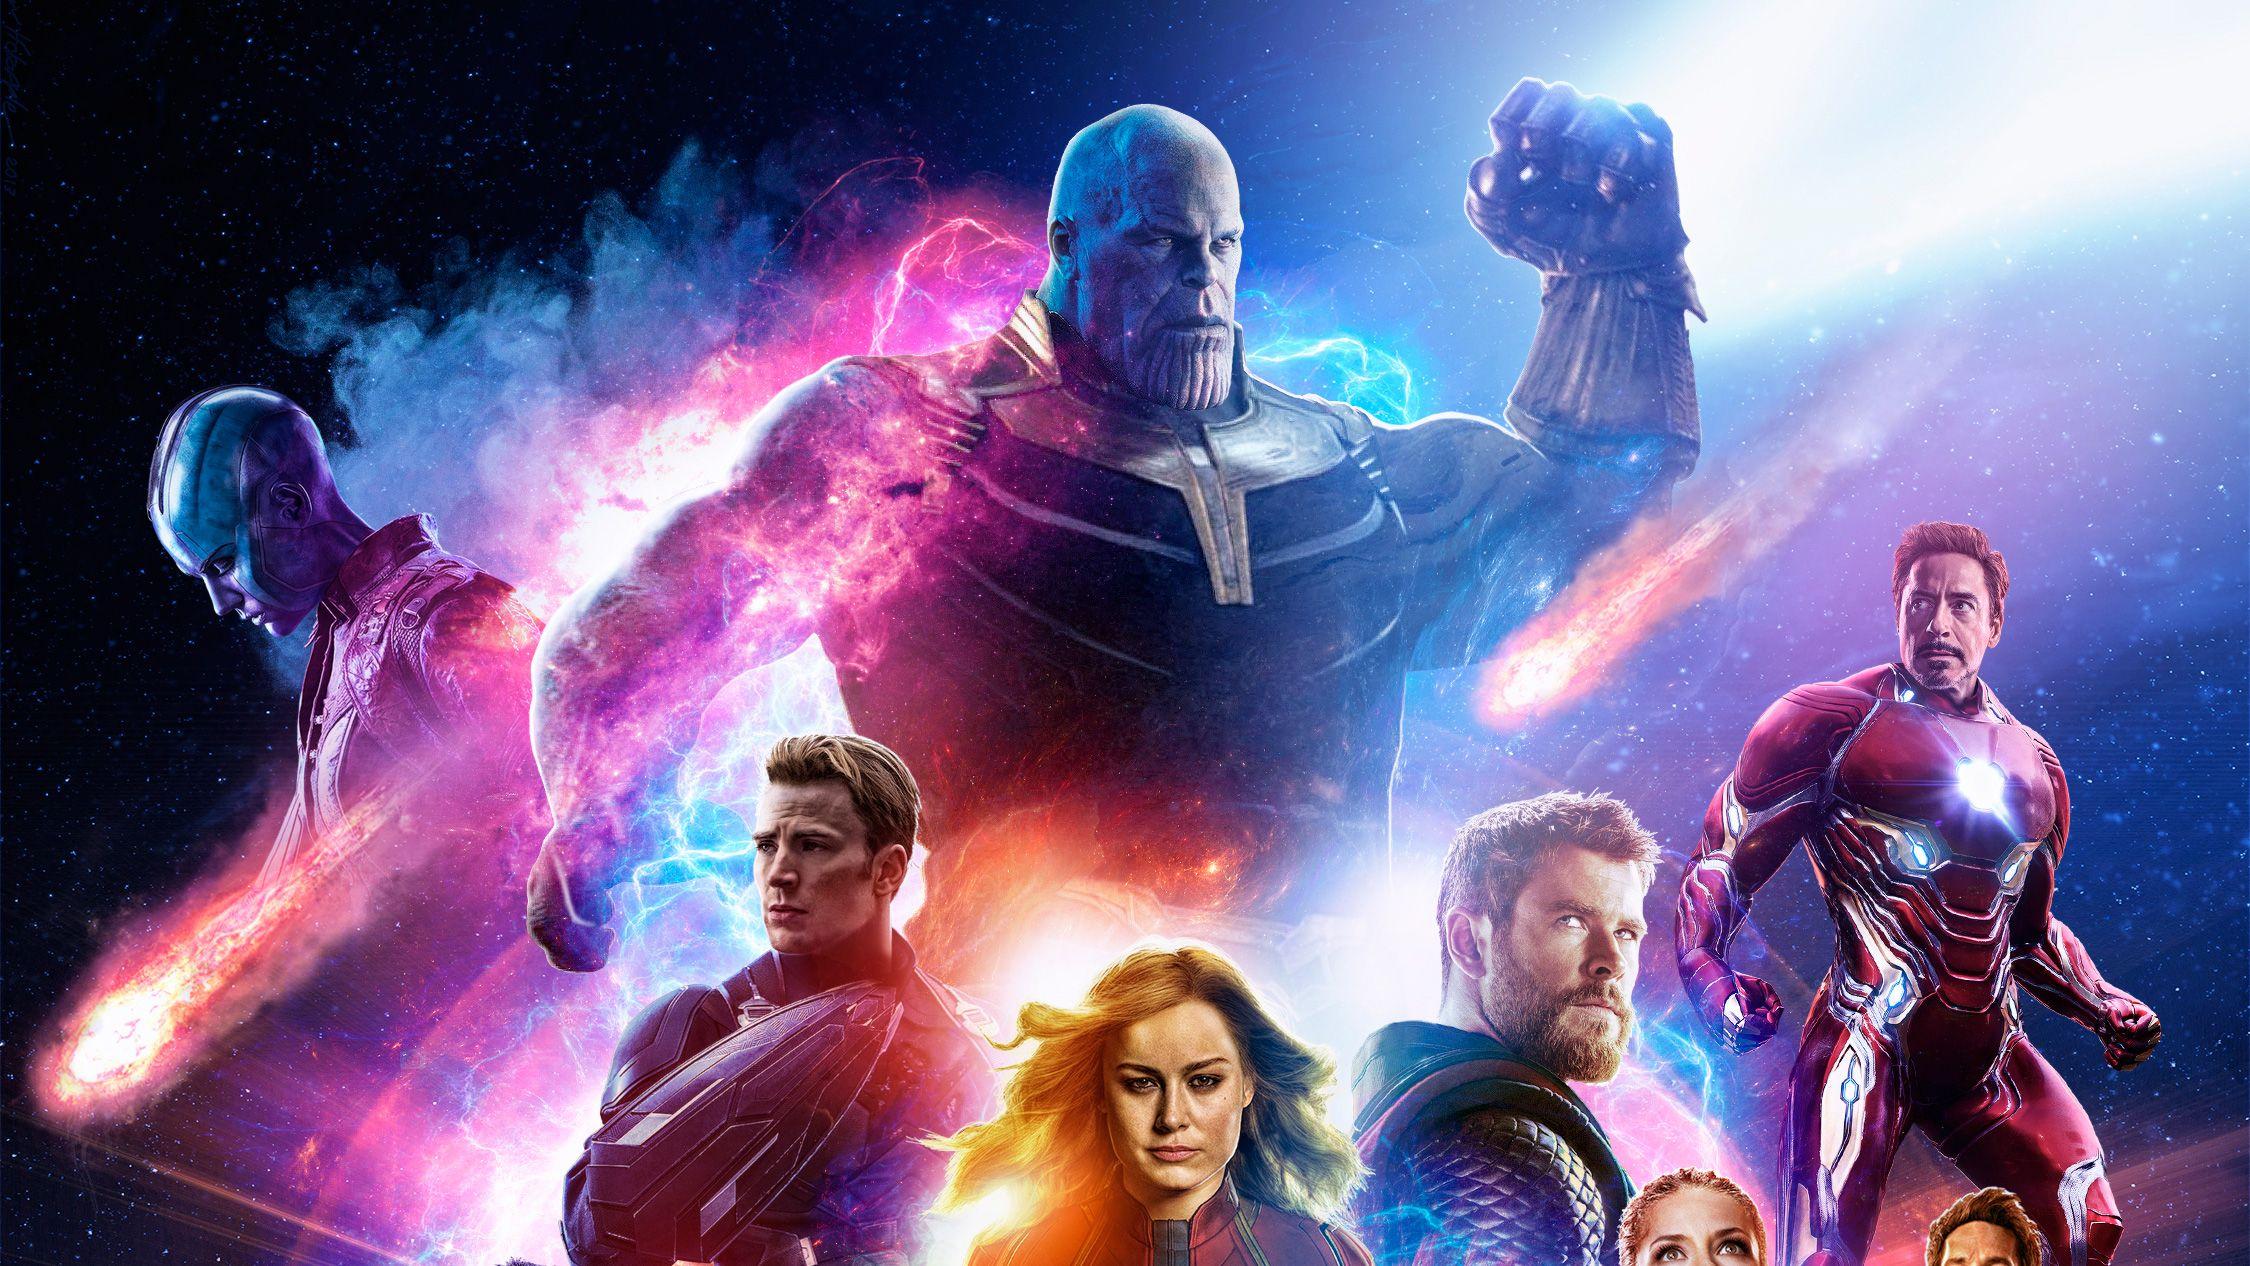 Avengers 4 End Game Art 4k Avengers End Game 2019 Hd 4k Wallappers Avengers 4 Hd 4k Wallpapers Avengers 4 End Game Movie Best Avenger Avengers Captain Marvel